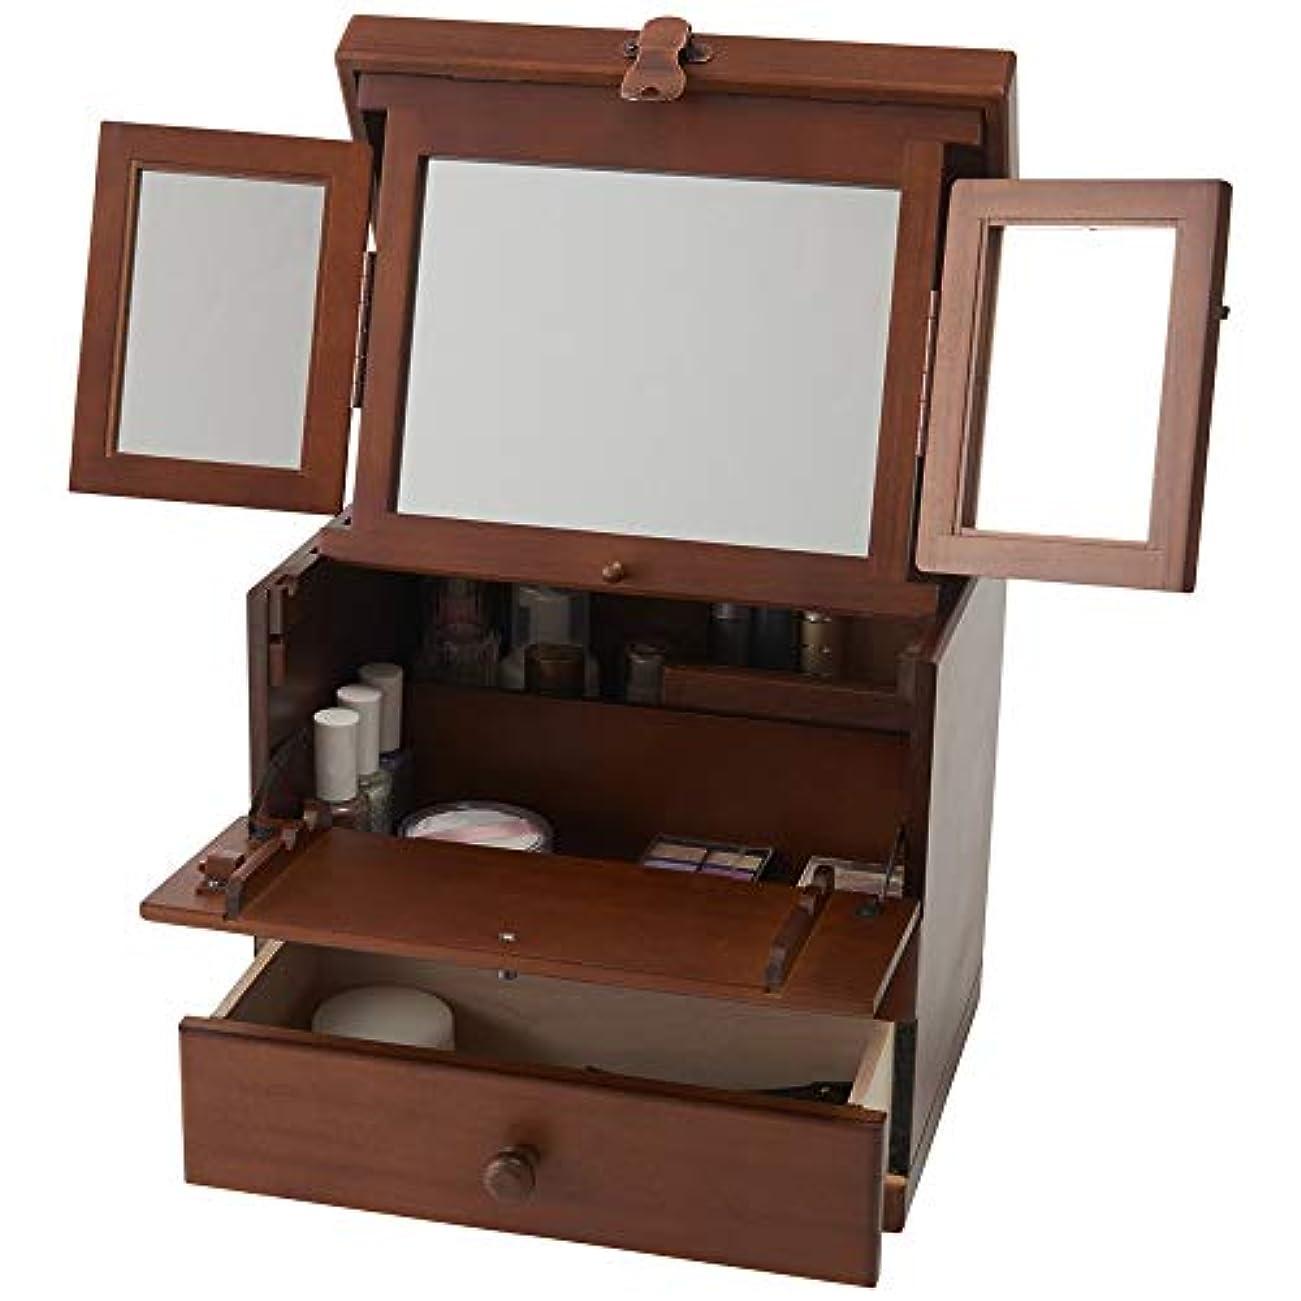 タービン塗抹空中木製コスメボックス 三面鏡 持ち運び 鏡付き 化粧ボックス メイクボックス 日本製